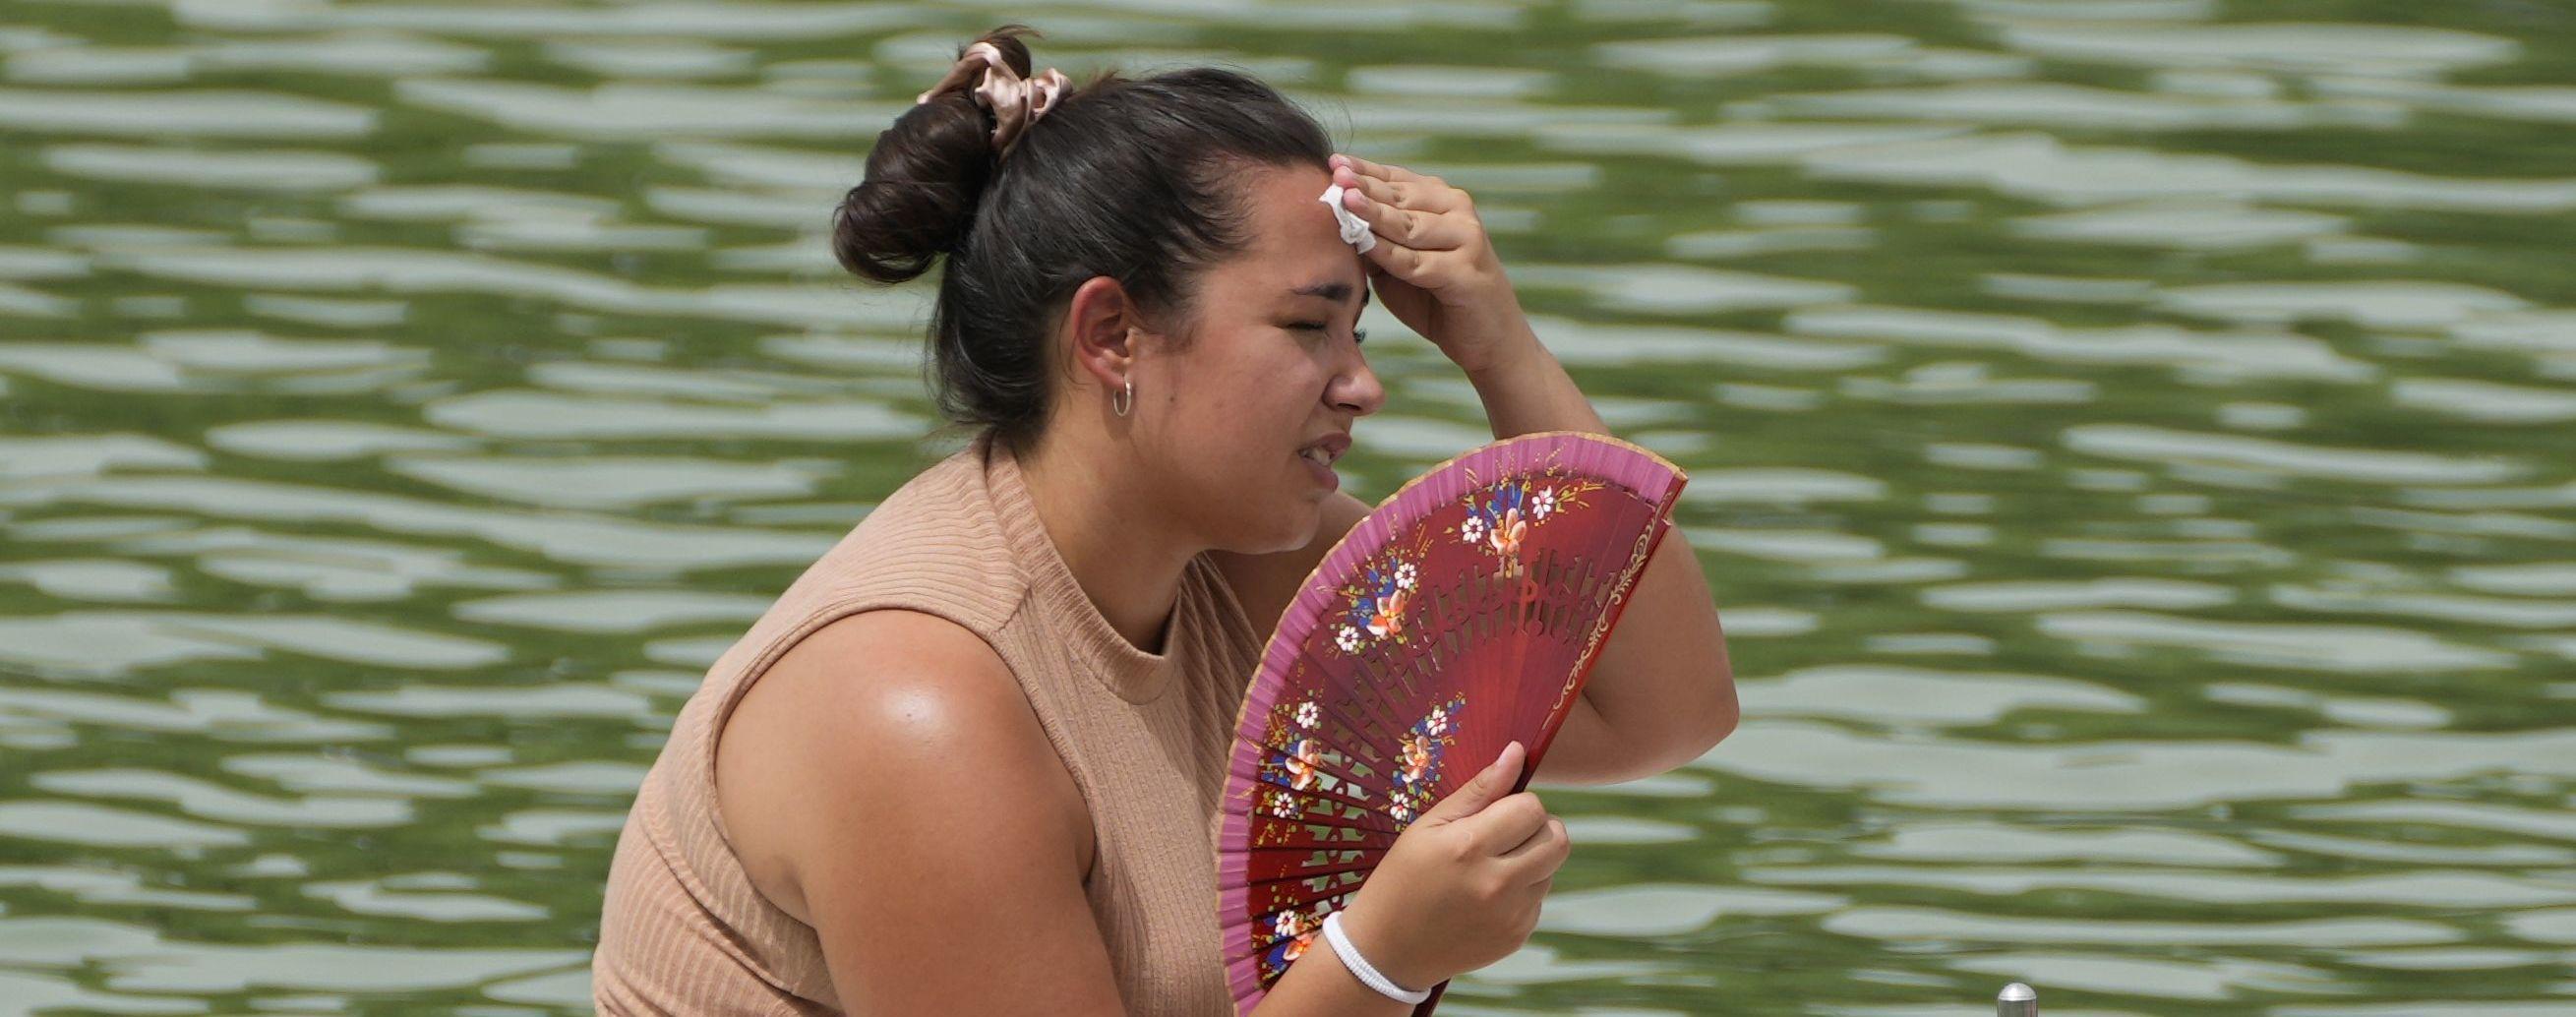 Європу накрила аномальна спека: в Іспанії реєструють рекордну температуру повітря